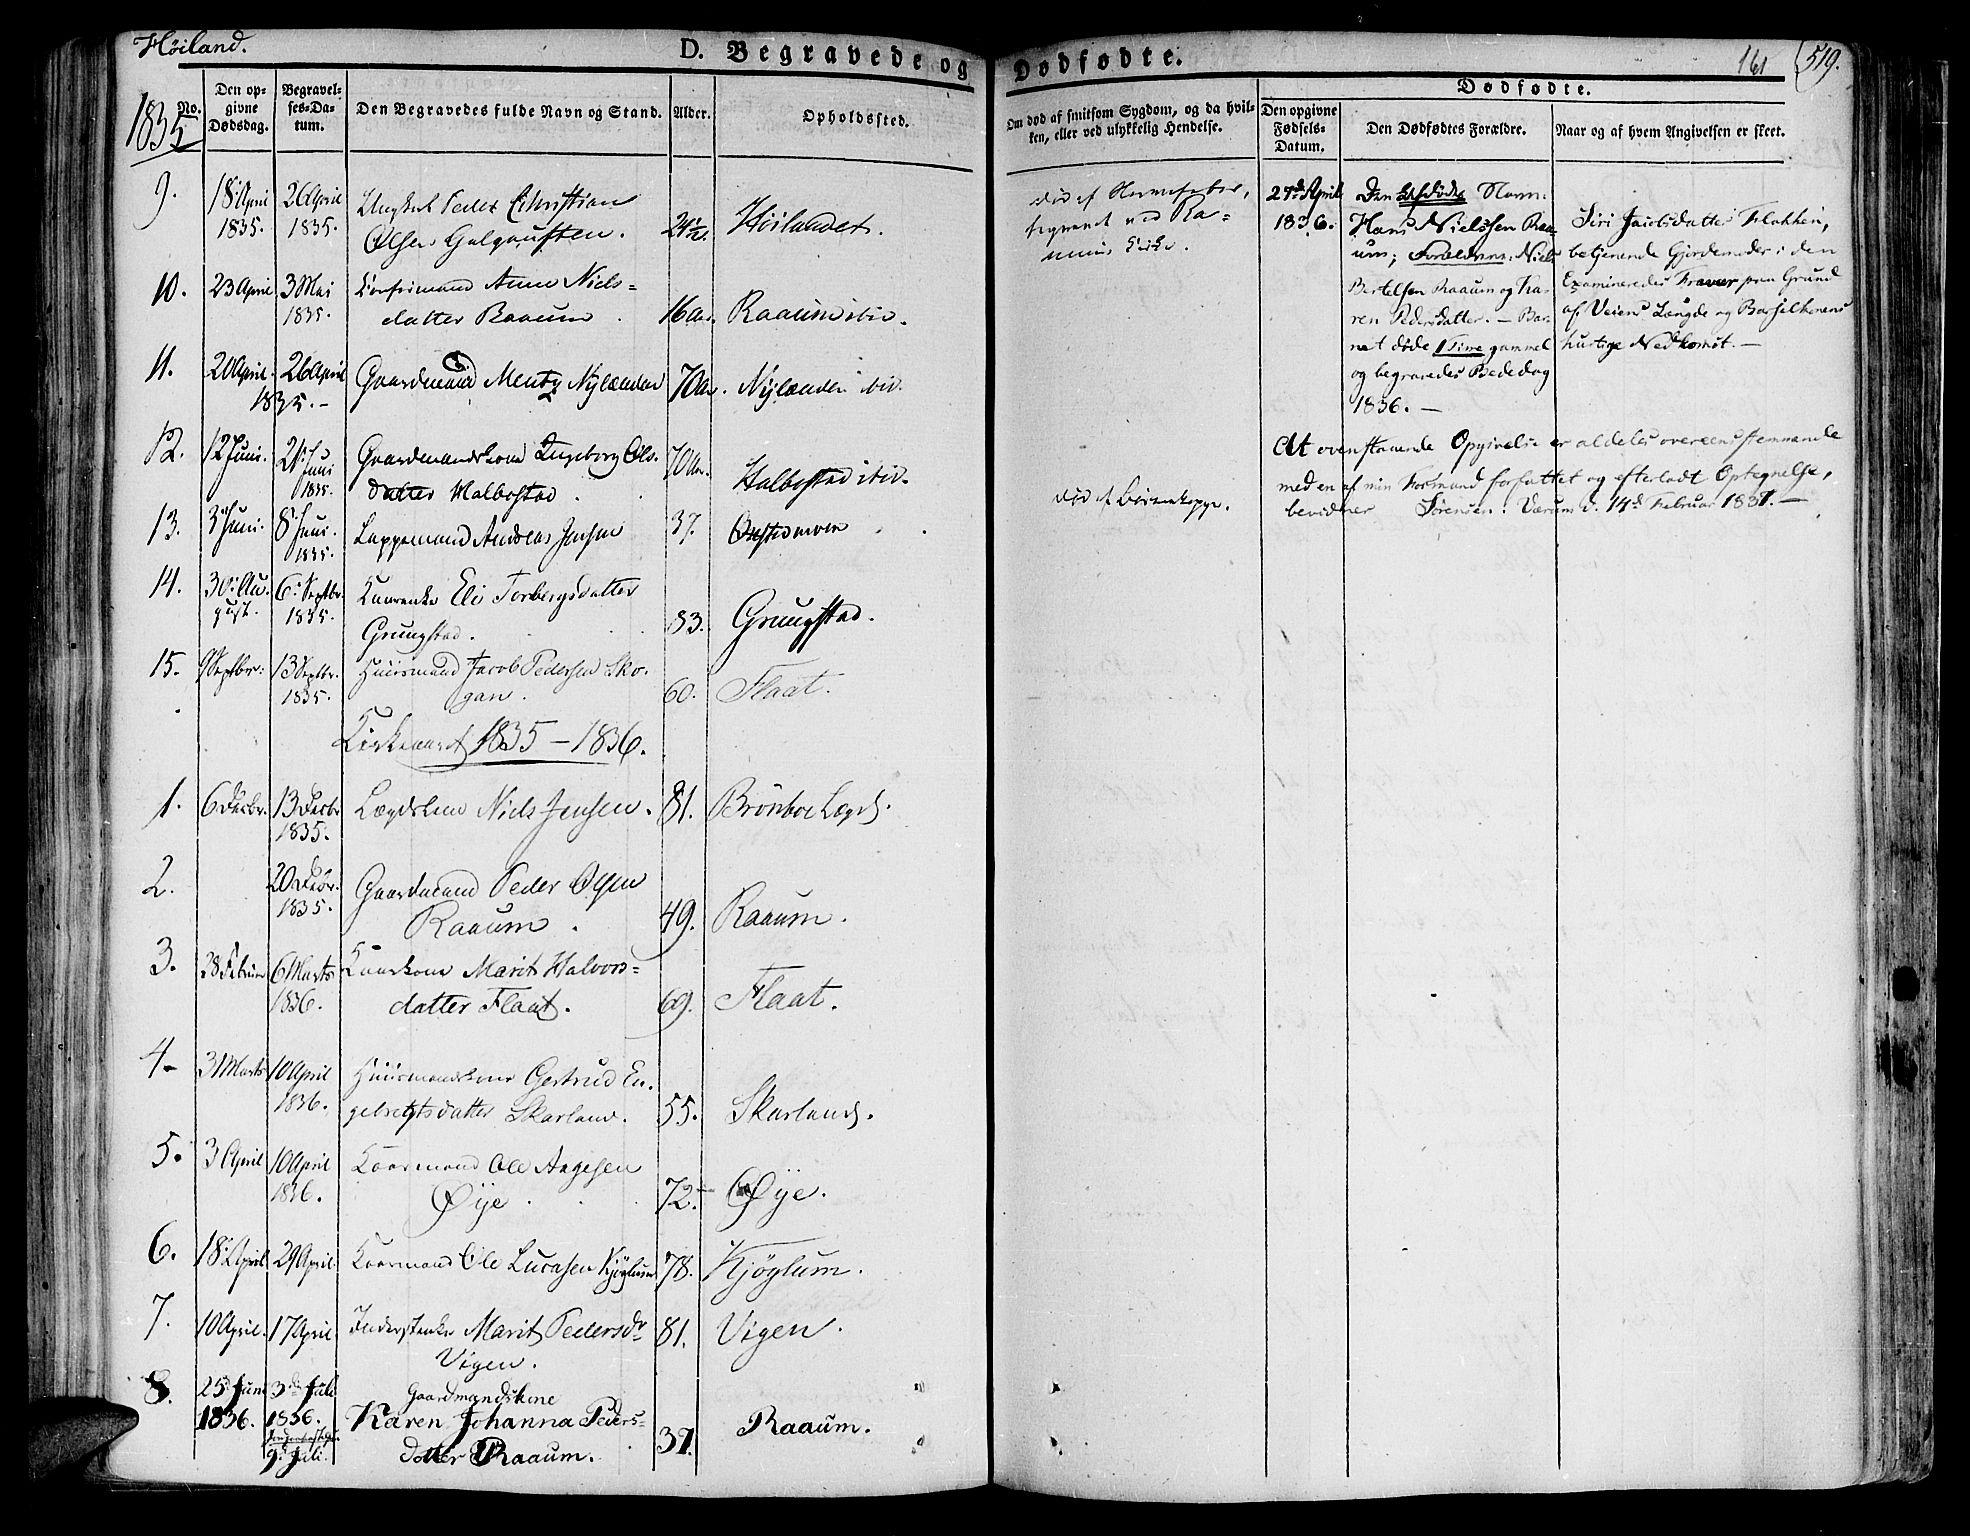 SAT, Ministerialprotokoller, klokkerbøker og fødselsregistre - Nord-Trøndelag, 758/L0510: Ministerialbok nr. 758A01 /2, 1821-1841, s. 161